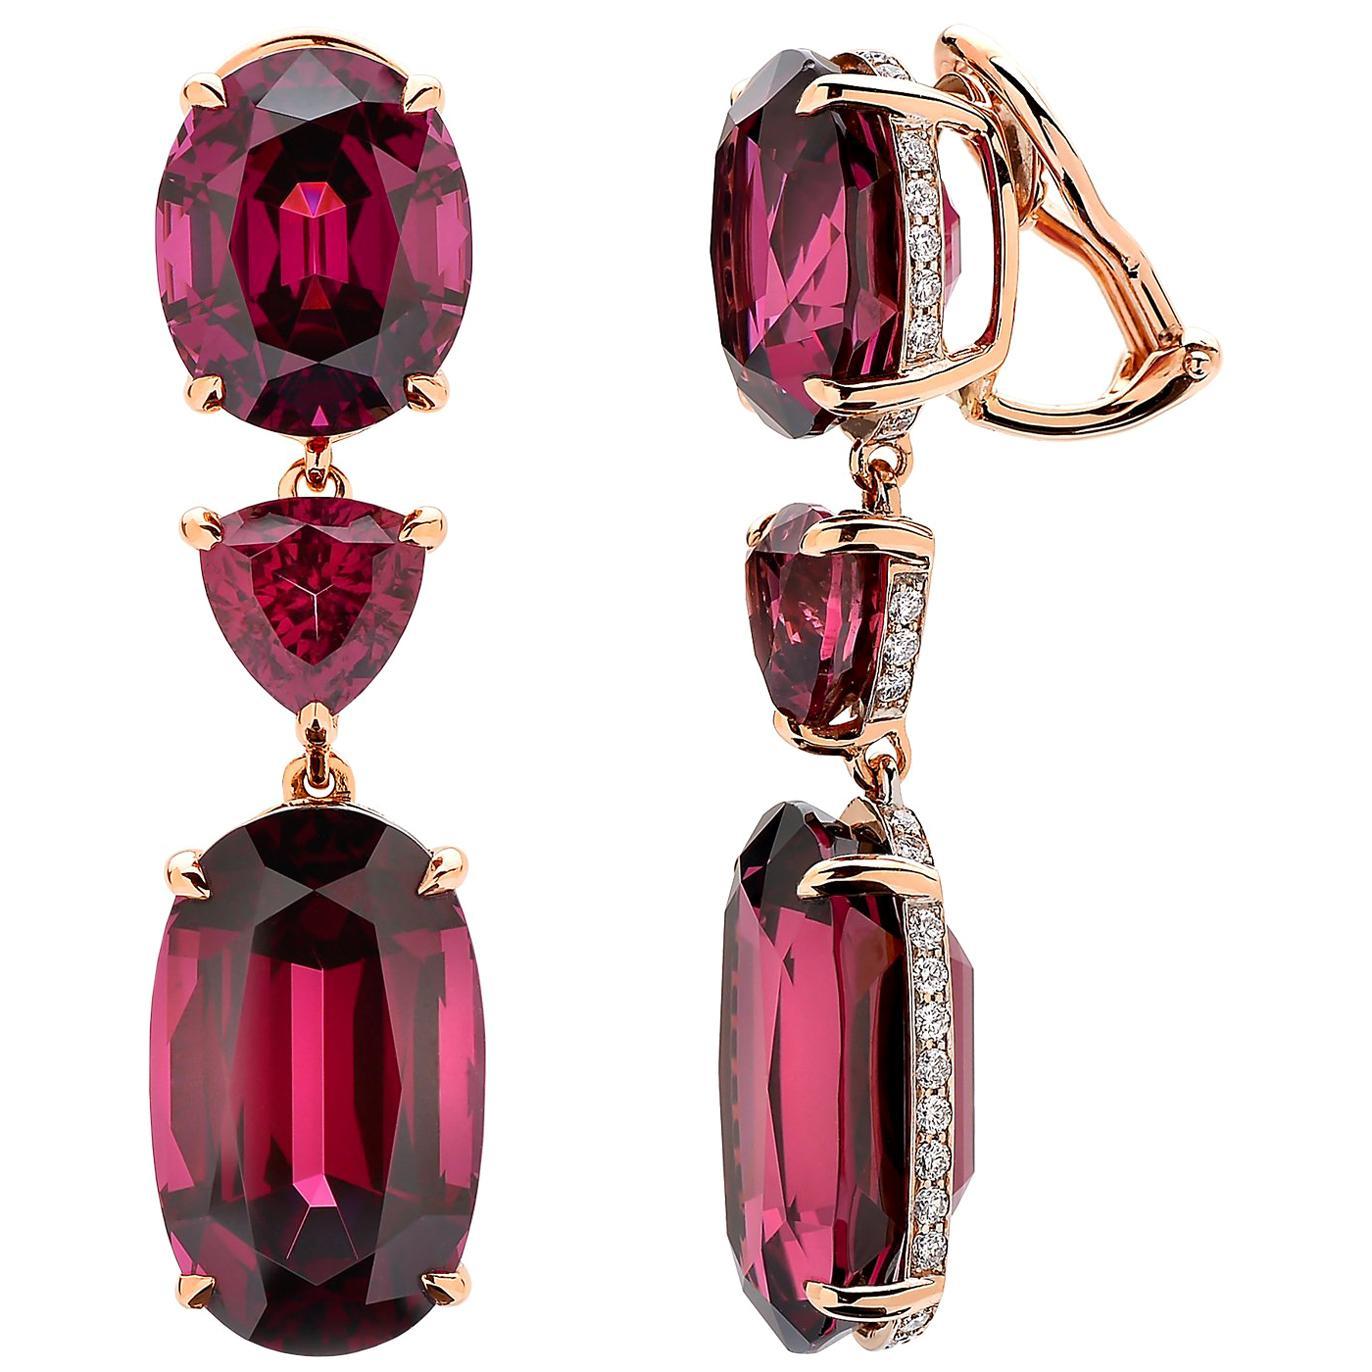 Paolo Costagli 18 Karat Rose Gold Rhodolite Garnet and Diamond Earrings